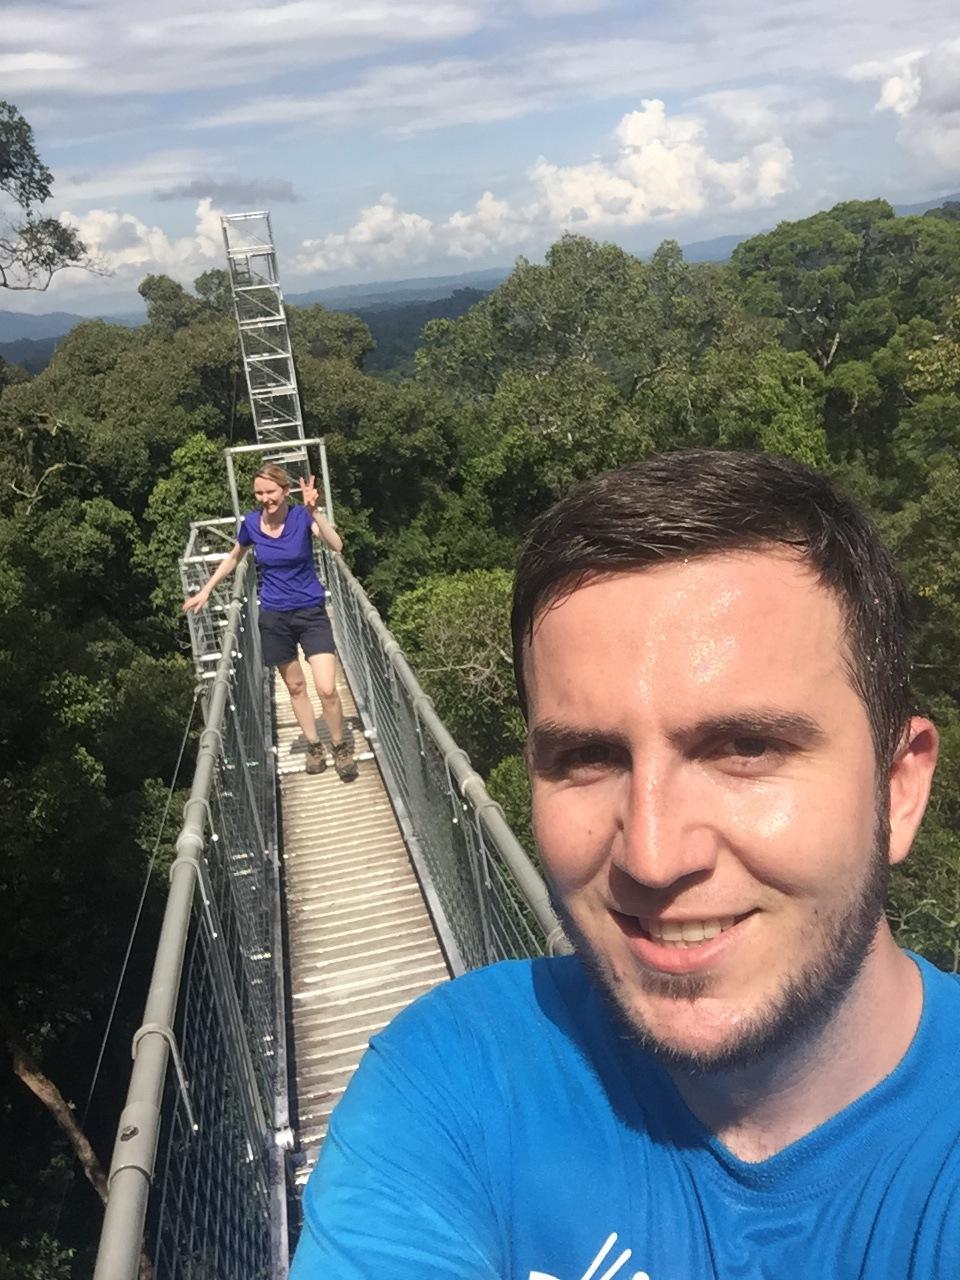 Vom 40-45 Meter hohem Canopy Walkway hat man einen atemberaubenden Rundumblick auf den Regenfald